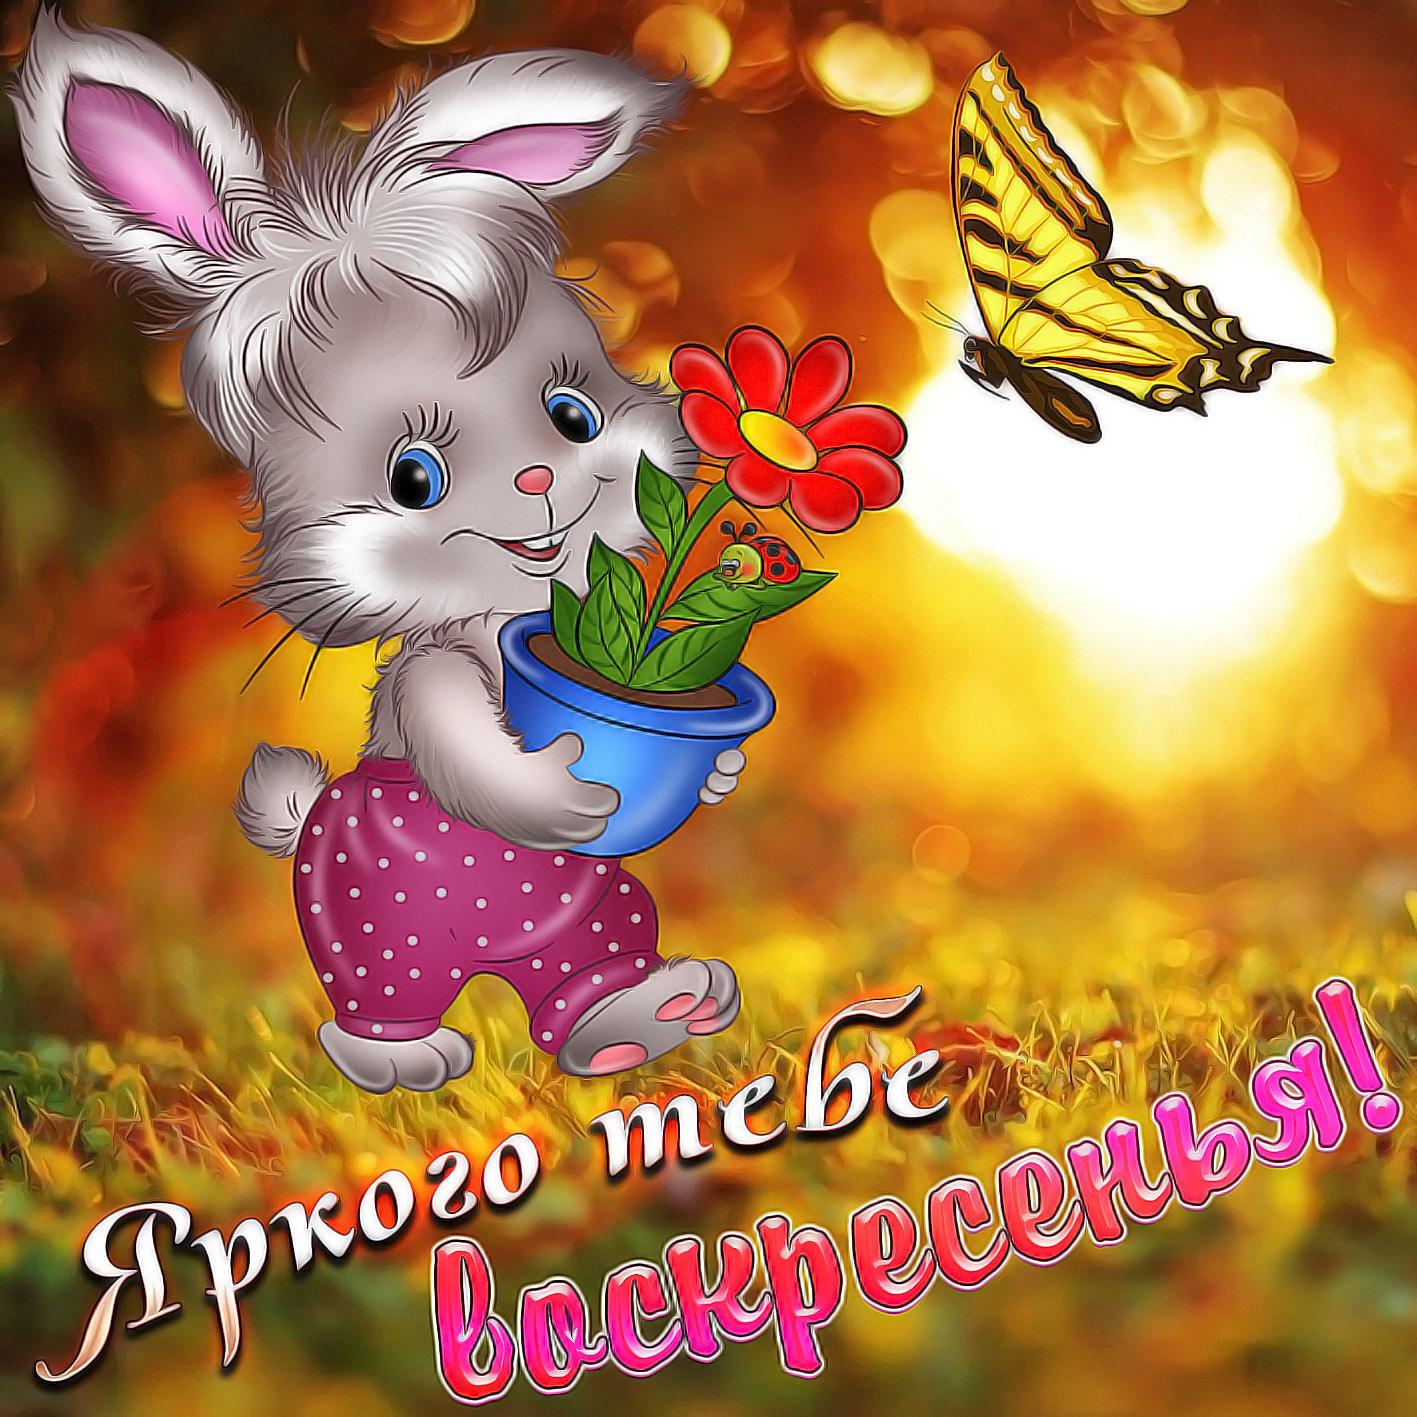 Красивая картинка с кроликом и бабочкой на воскресенье